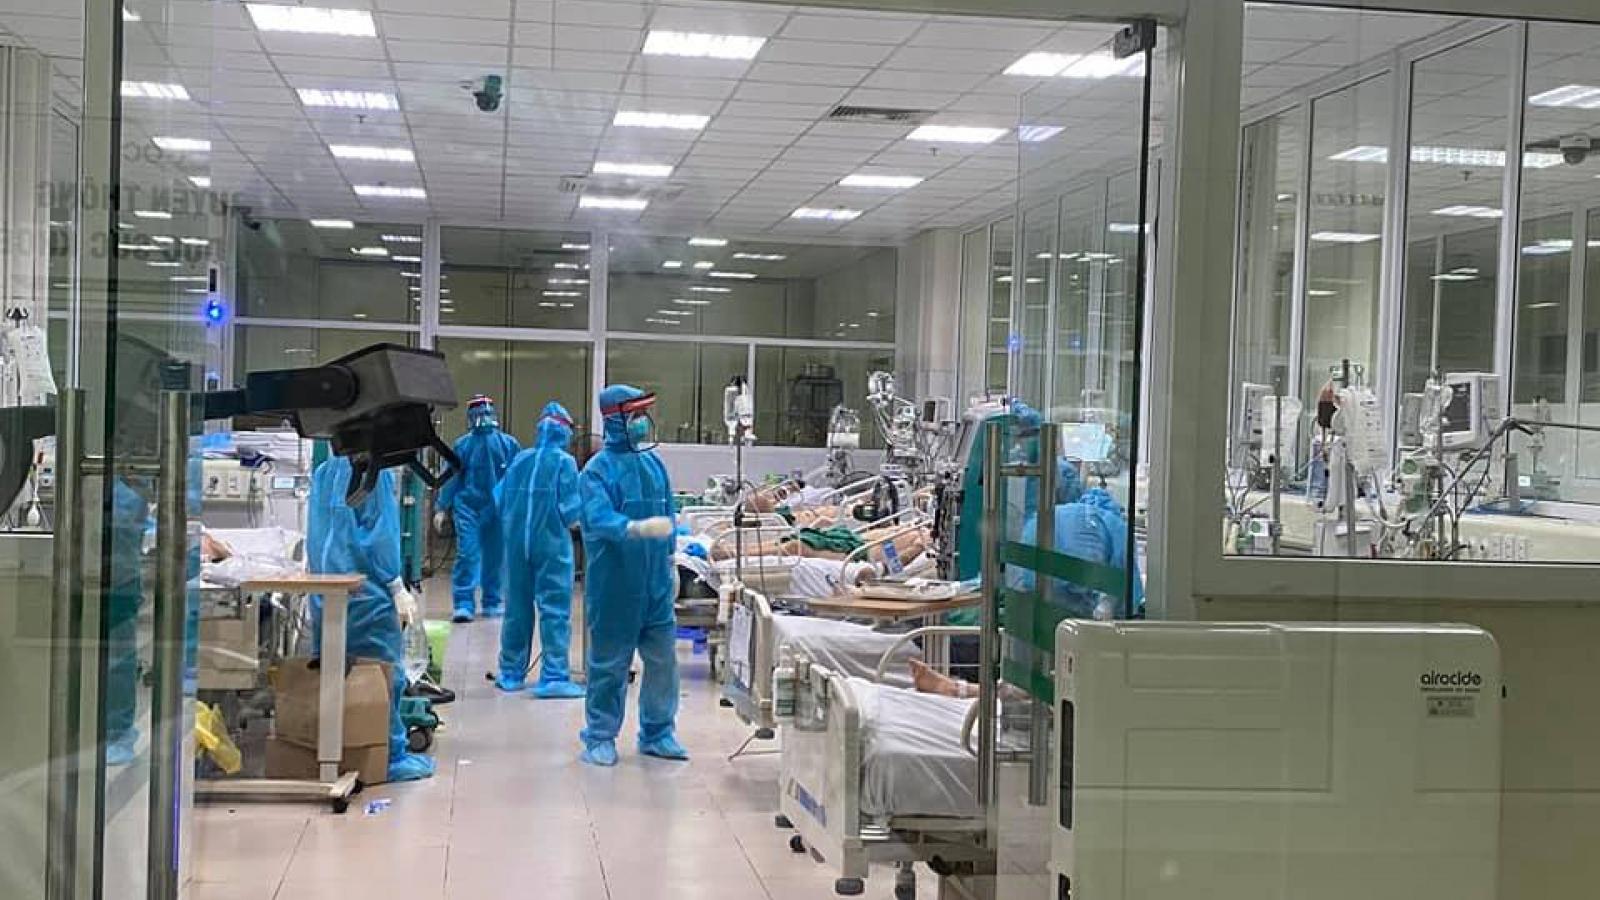 Nữ điều dưỡng bị bệnh nhân Covid-19 đe dọa, bóp cổ